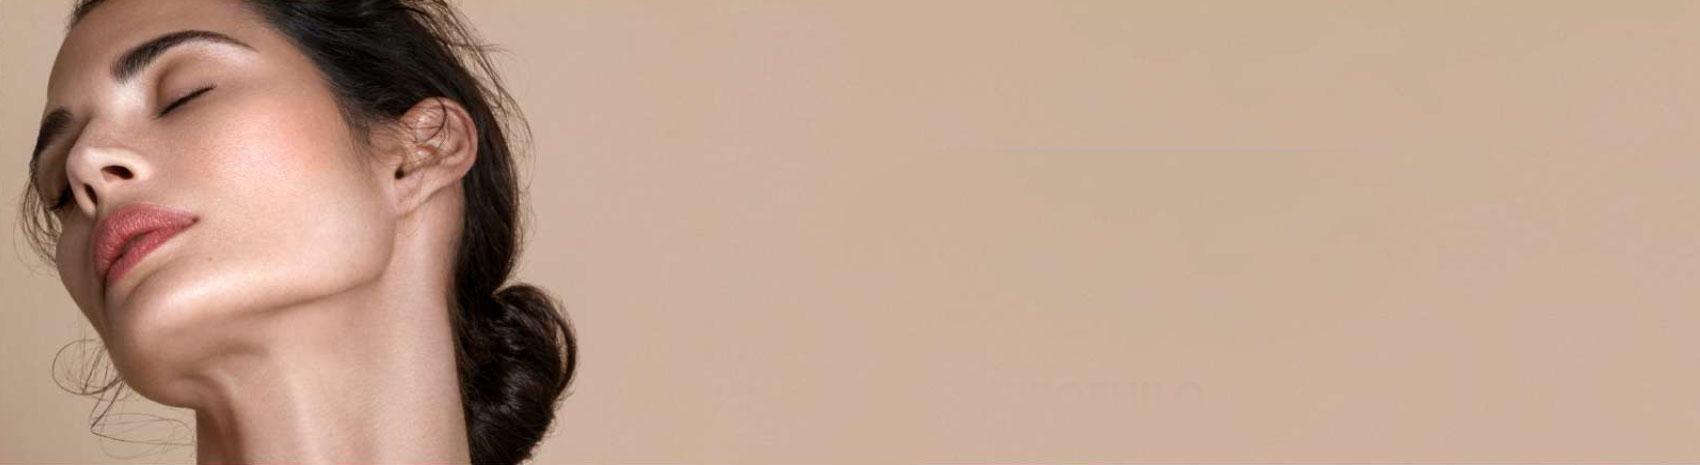 Ragazza con pelle delicata grazie ai prodotti IBSA della linea Profhilo